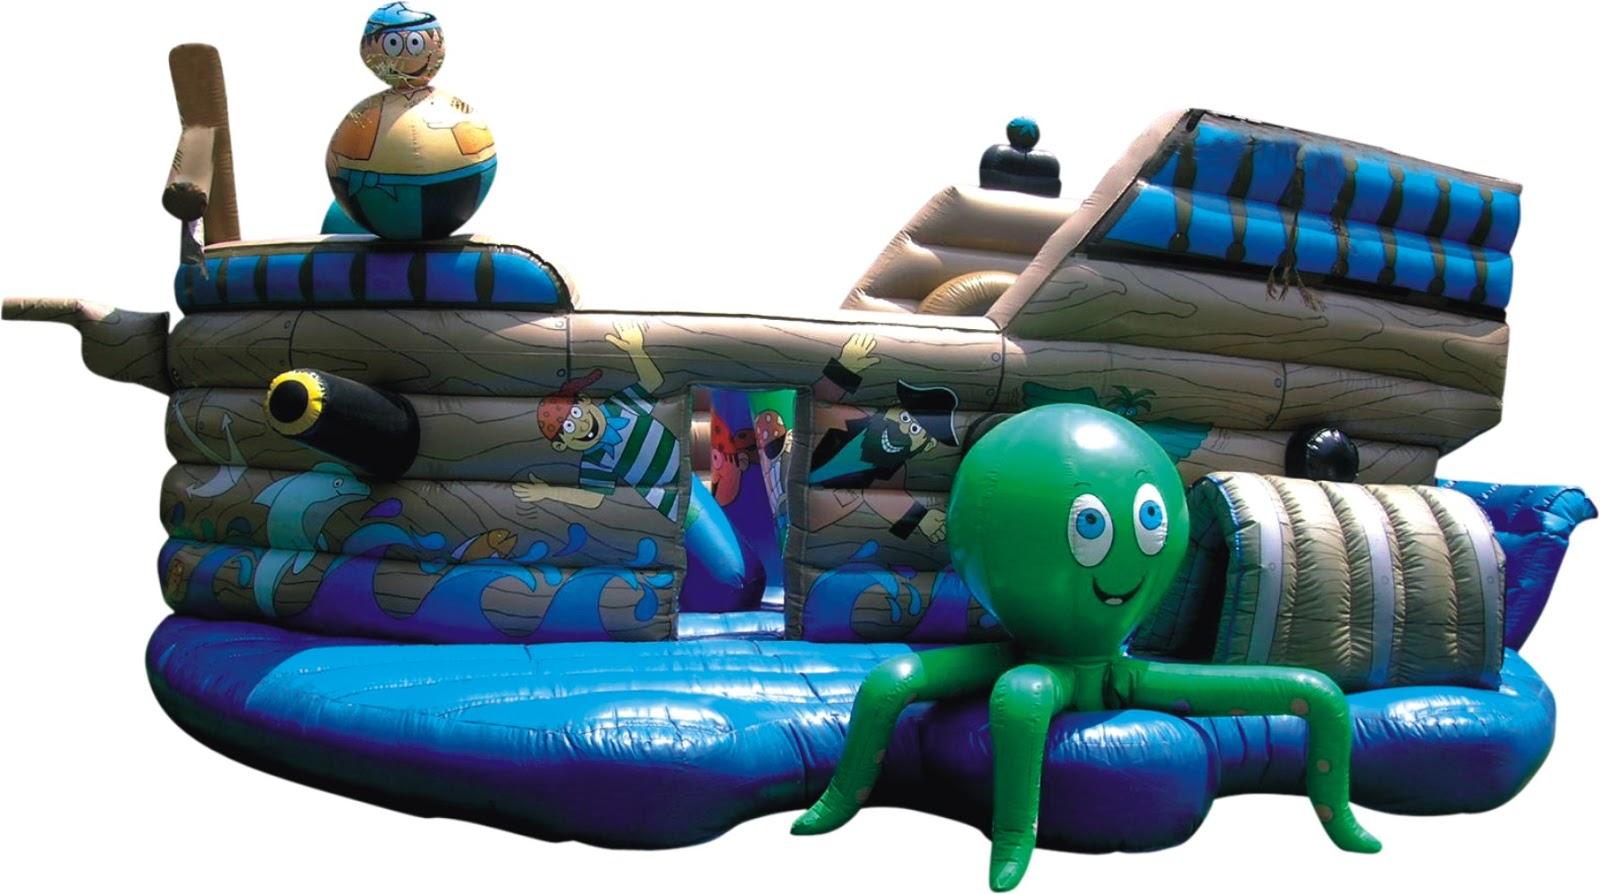 Alquiler de juegos inflables para cumplea os y fiestas en for Ventas piscinas inflables